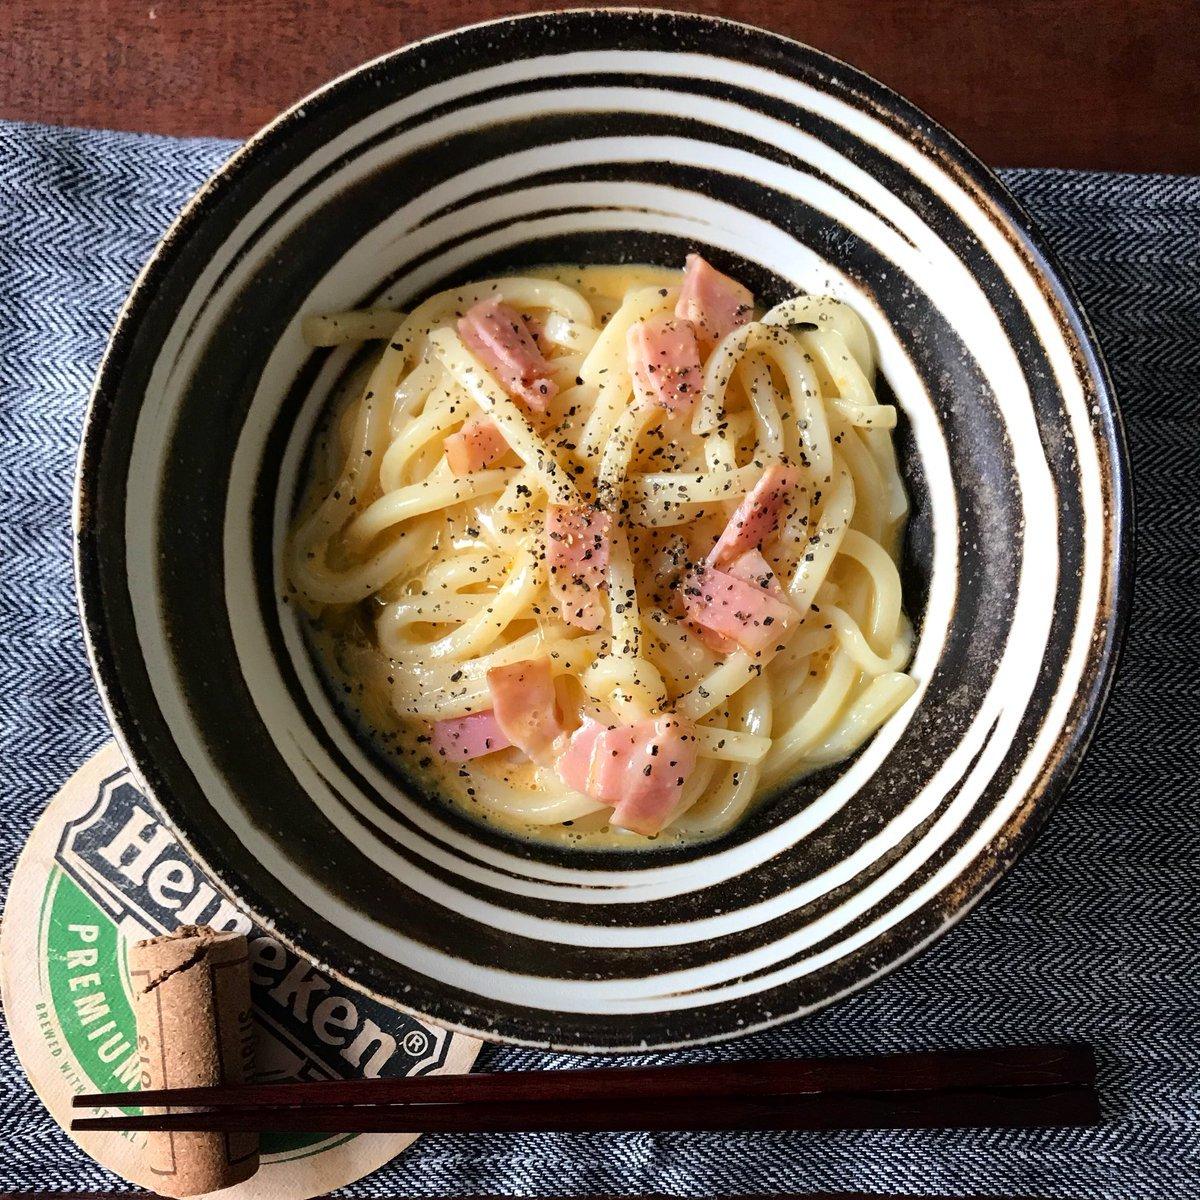 【レシピ】冷凍うどんを使った「釜玉カルボナーラうどん」が美味しいと話題に!